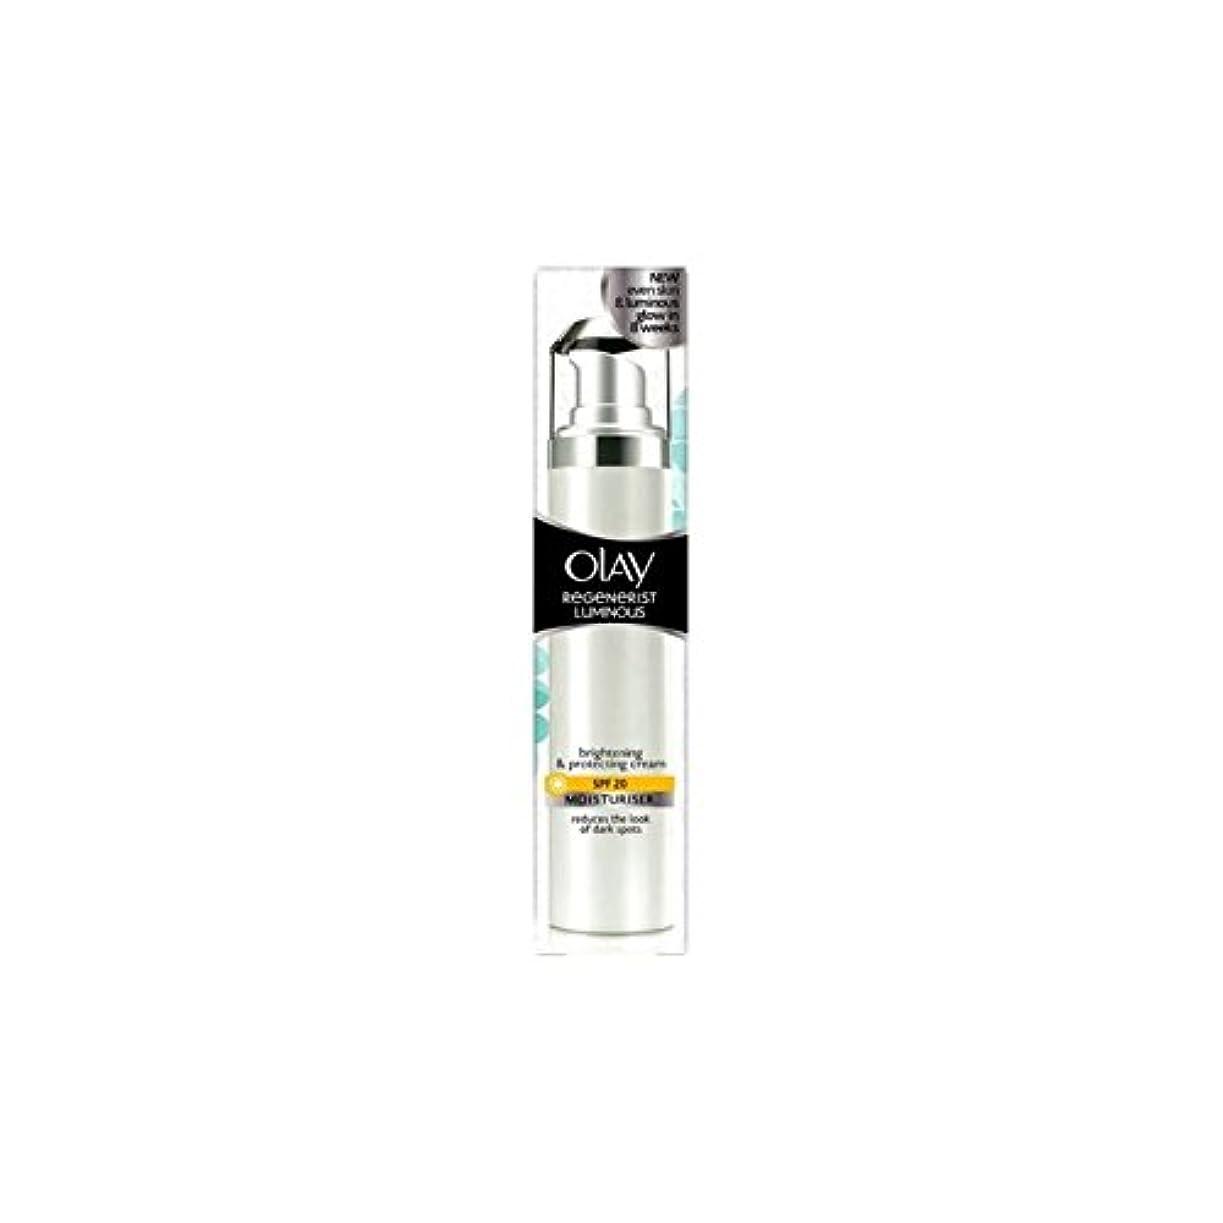 で重荷タイルOlay Regenerist Luminous Day Cream Spf20 (50ml) (Pack of 6) - オーレイリジェネ発光デイクリーム20(50ミリリットル) x6 [並行輸入品]